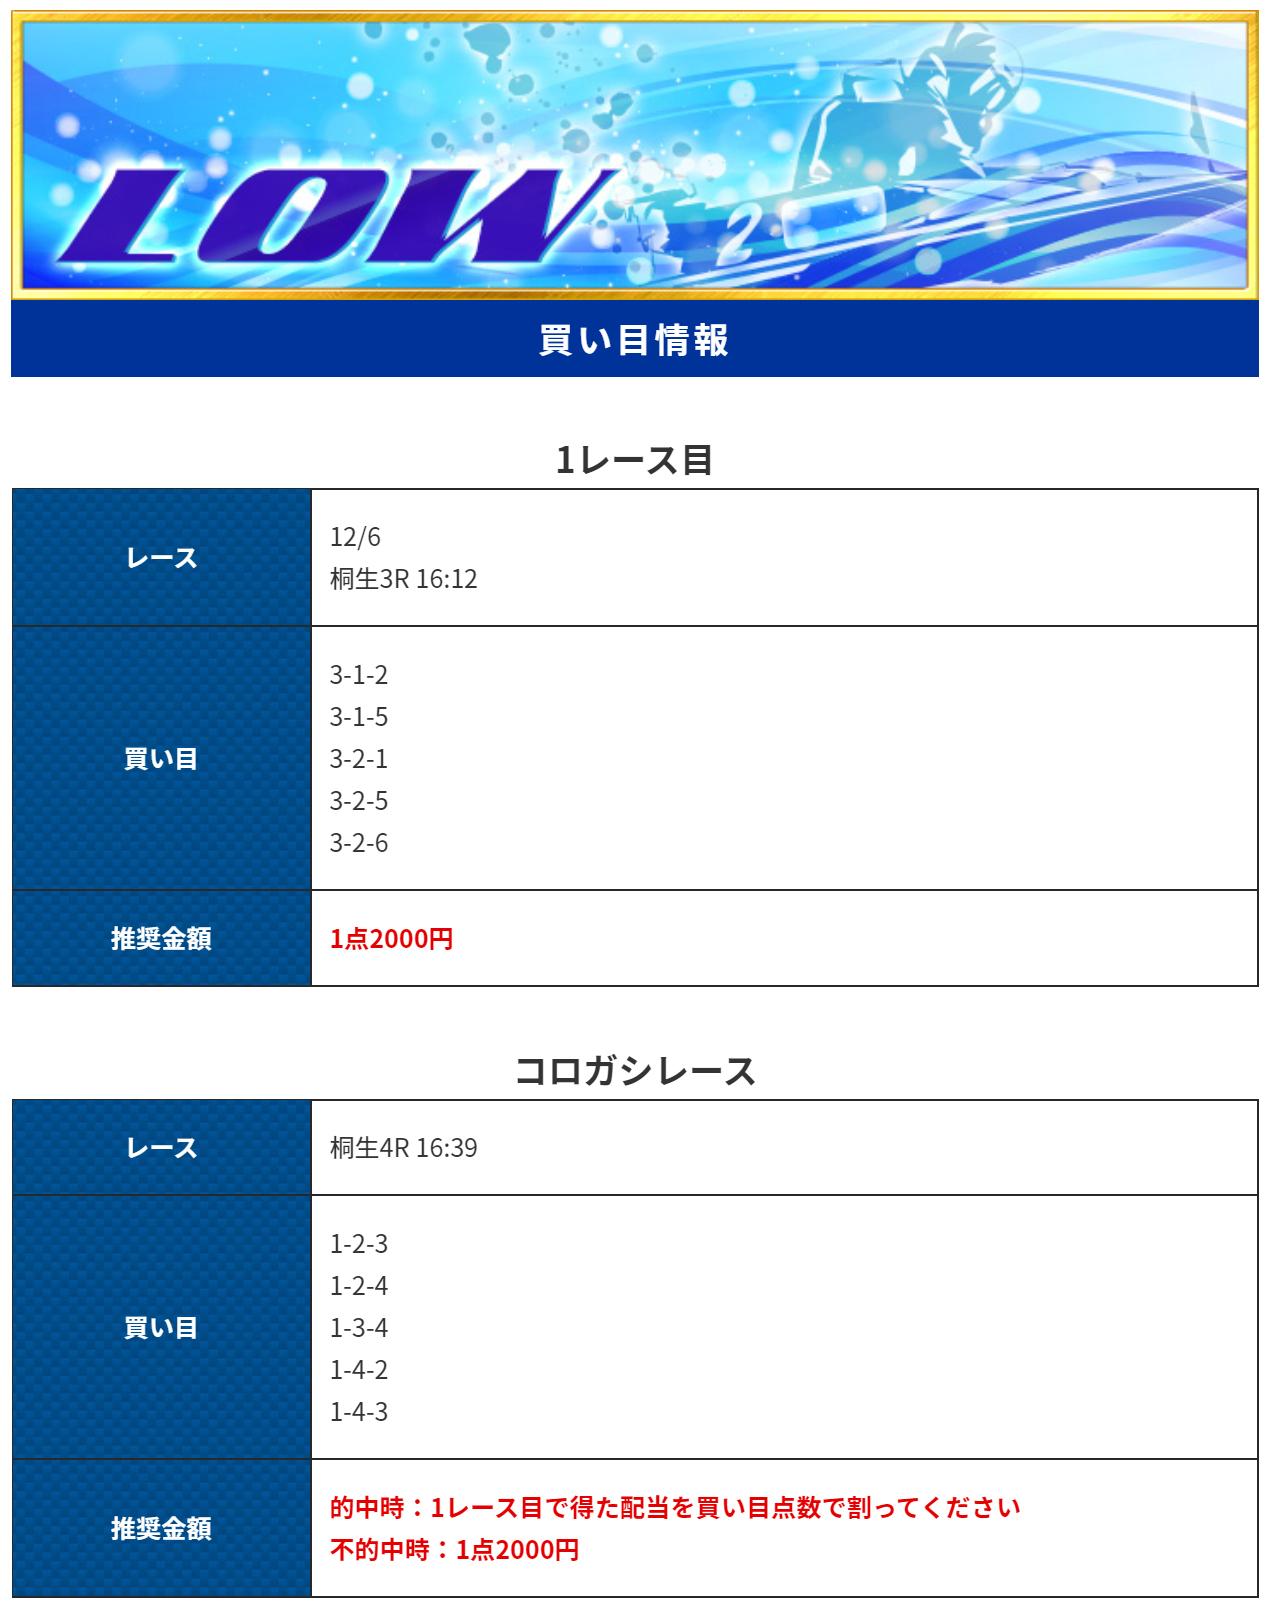 優良 SPEED(スピード) 競艇予想サイトの口コミ検証や無料情報の予想結果も公開中 12月6日有料コロガシプランLOW(ロウ)買い目